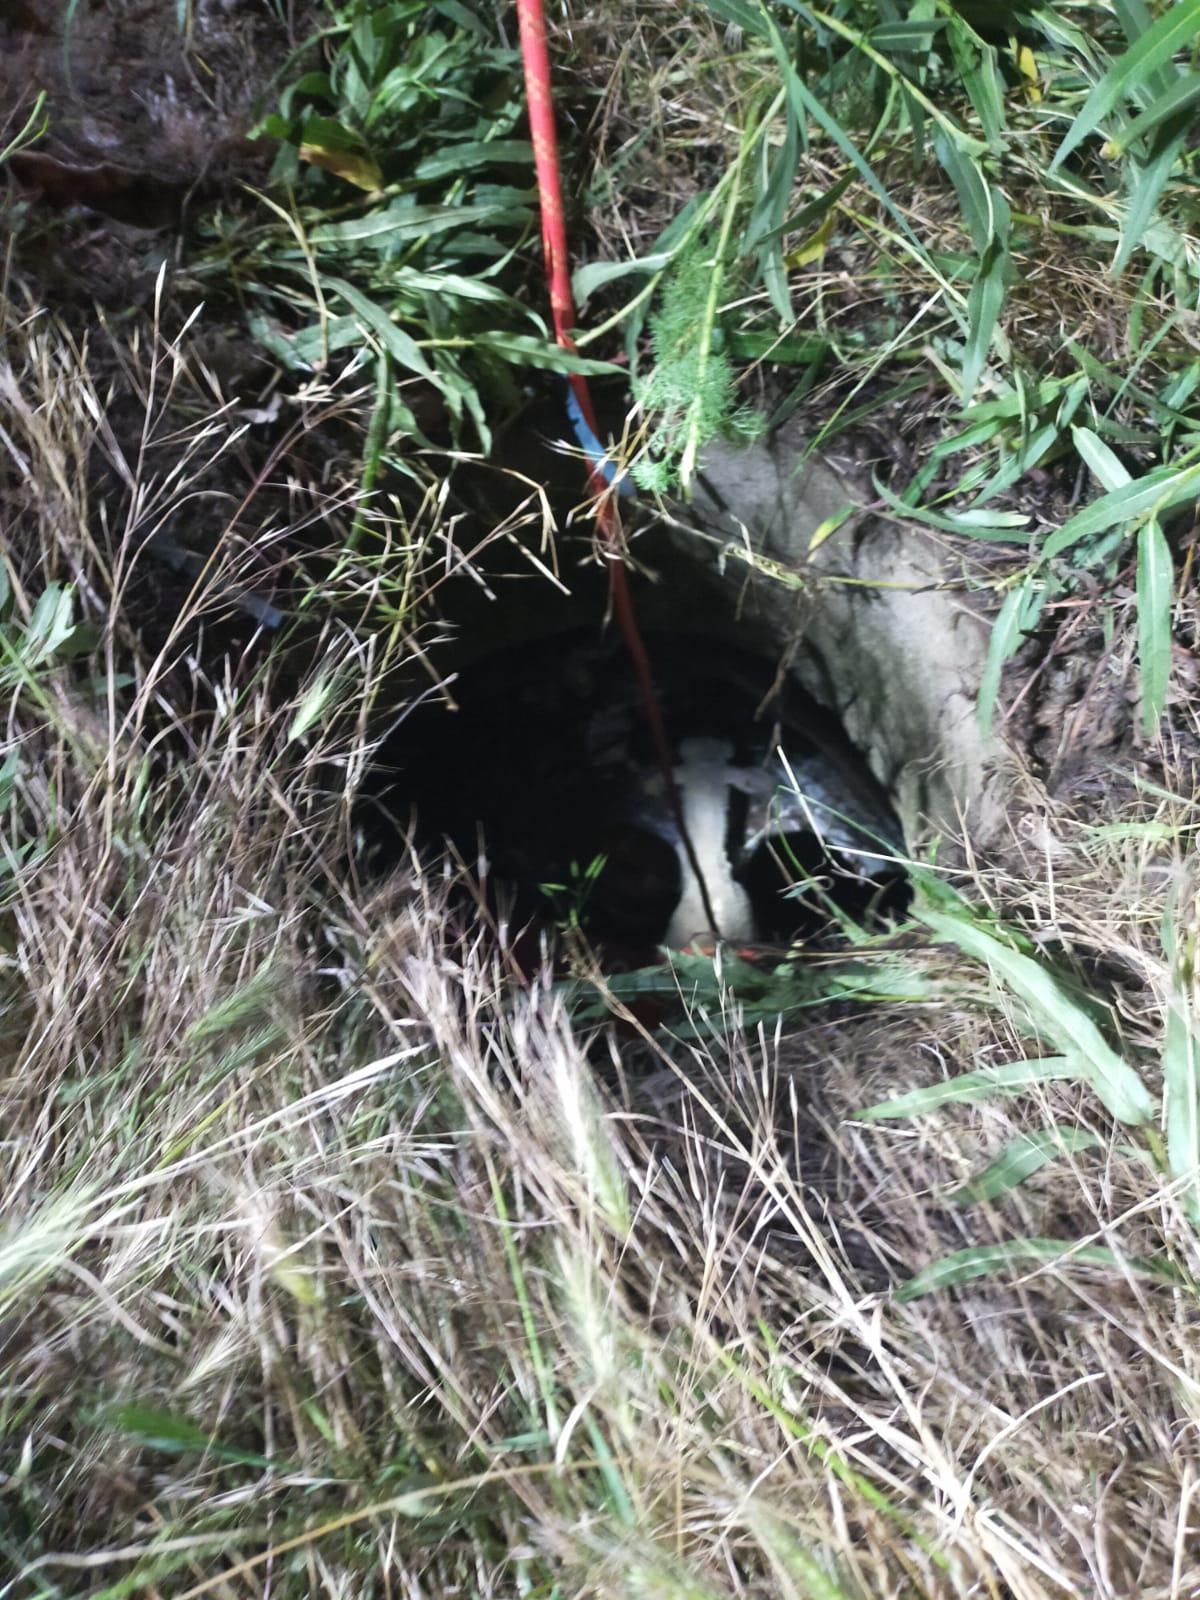 Yürekleri ısıtan kurtarma operasyonu! Kuyuda çaresizce kurtarılmayı beklediler! Kaplumbağa ve koyunların yardımına AFAD koştu